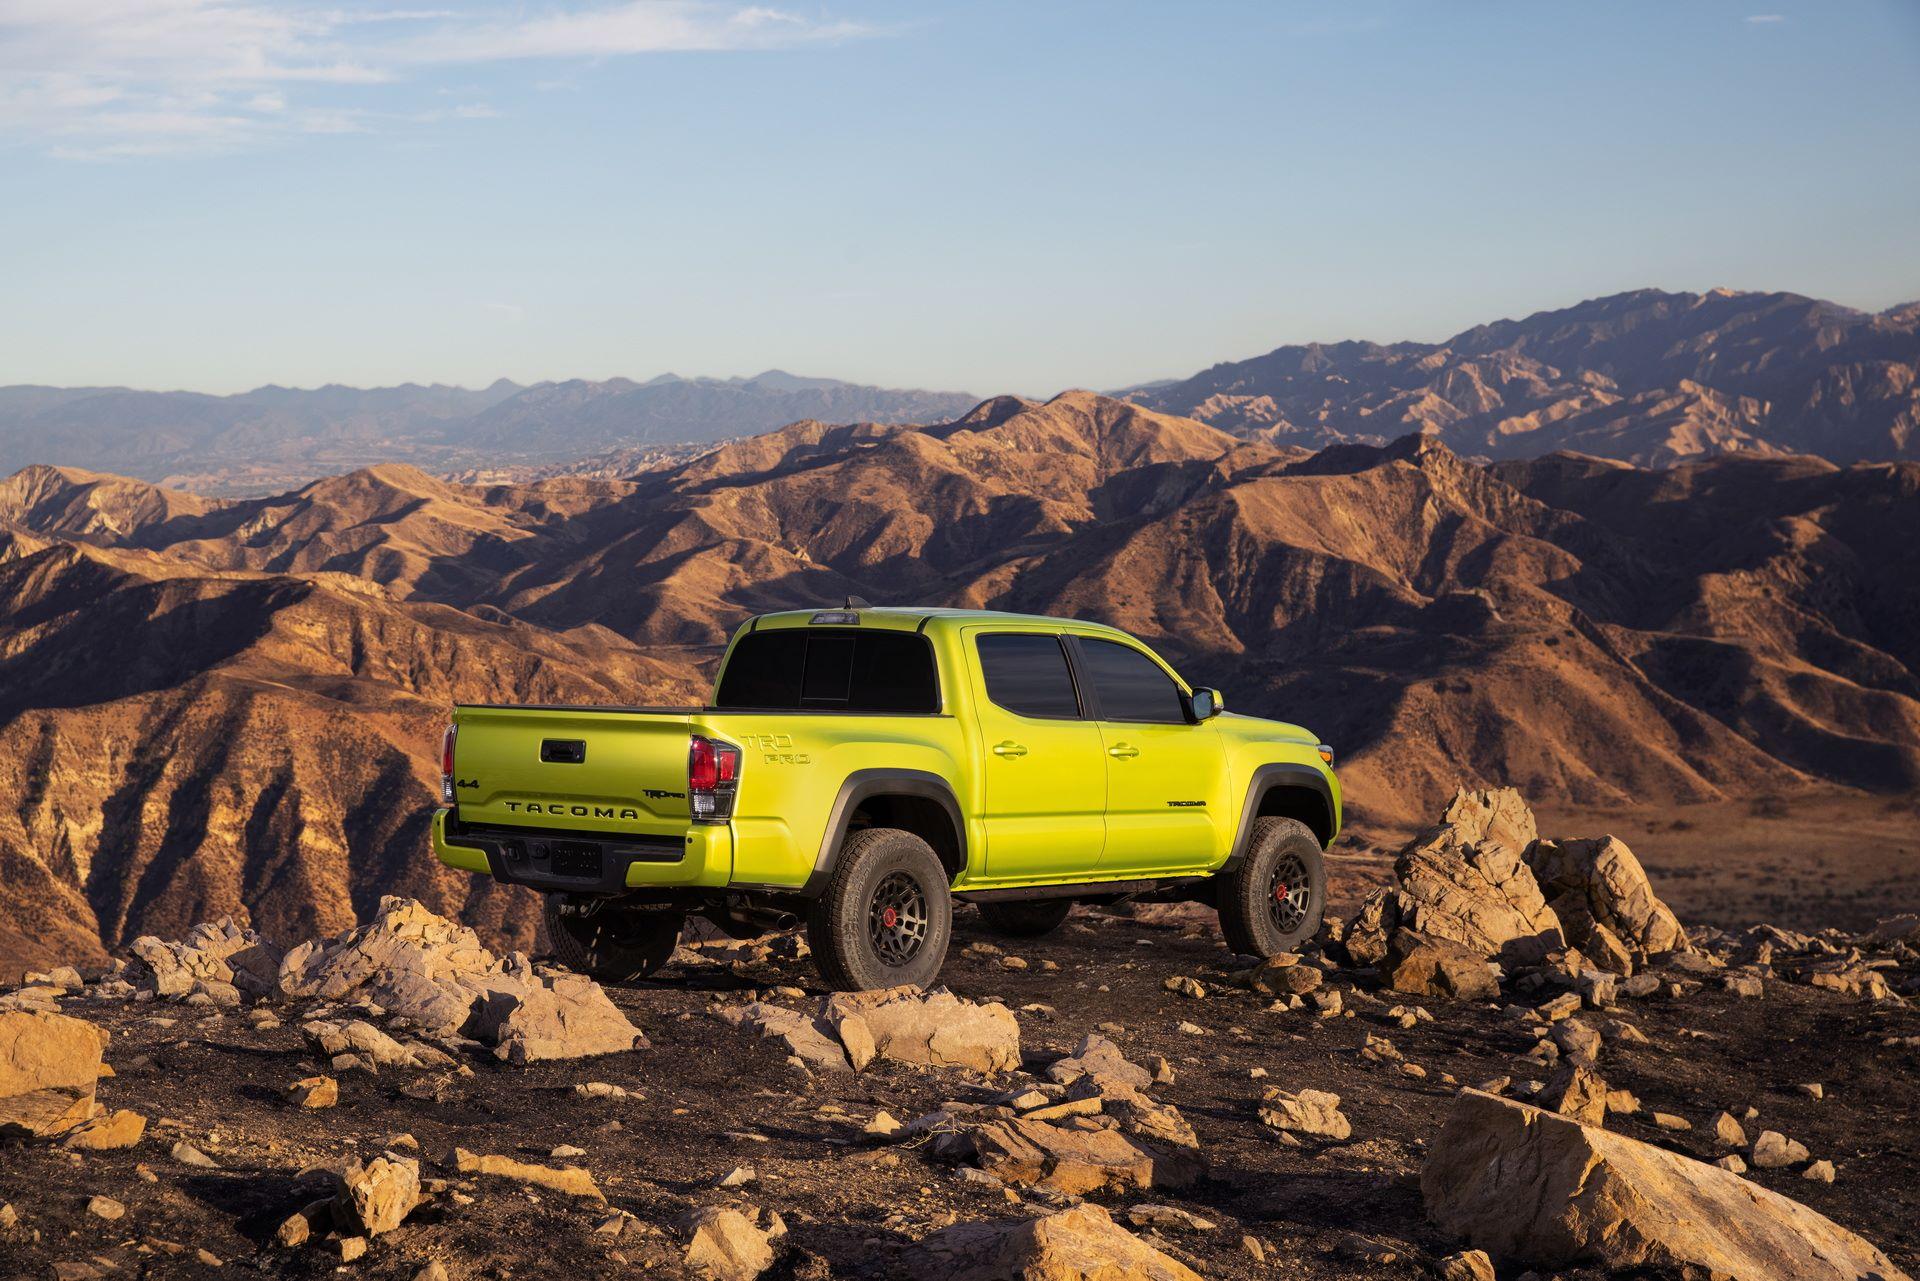 Toyota-Tacoma-TRD-Pro-and-Tacoma-Trail-Edition-12